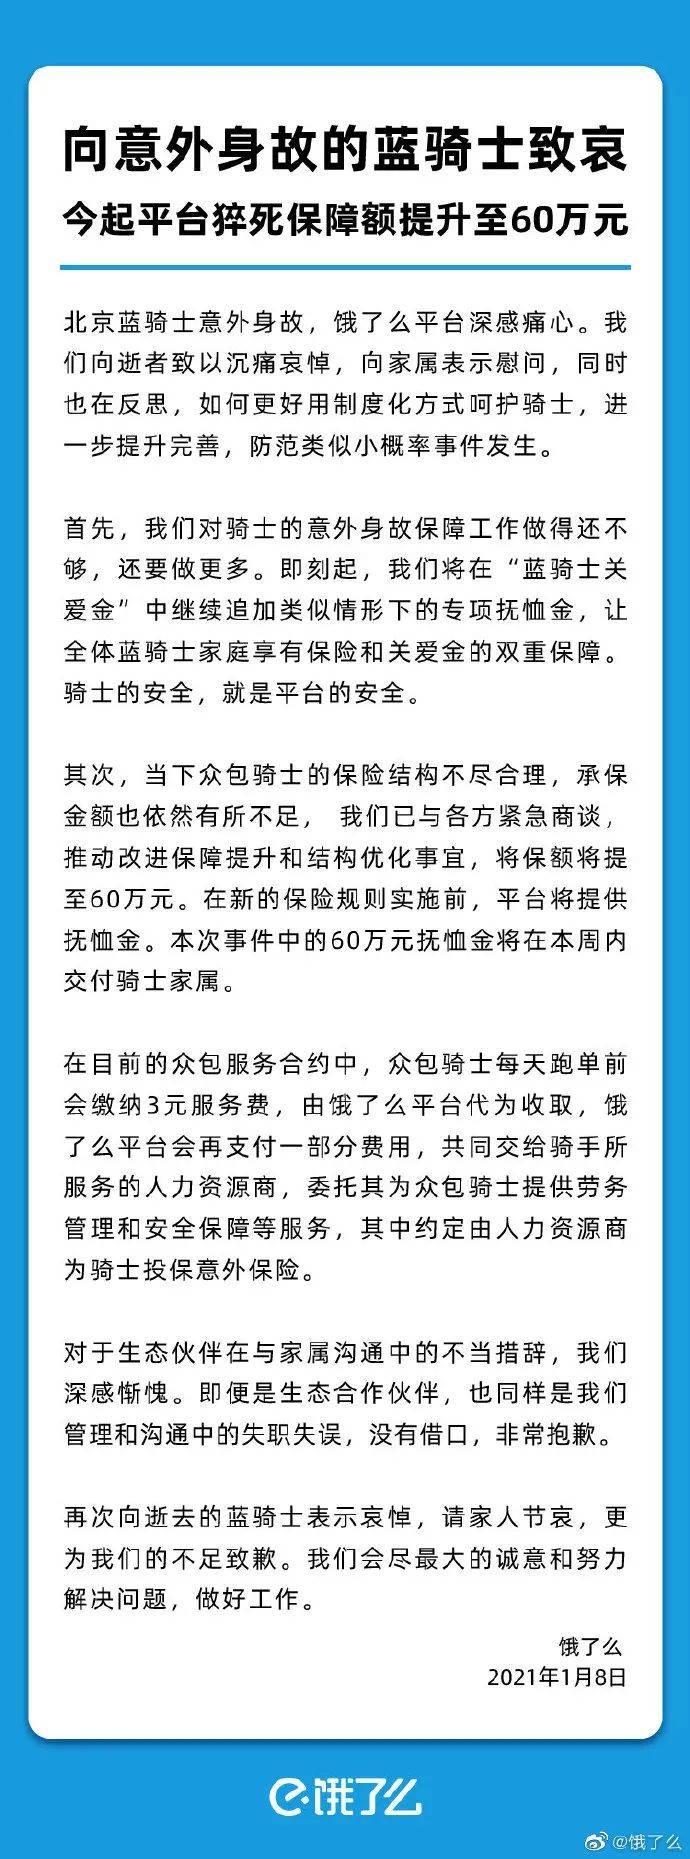 """饿了么回应""""骑手送餐猝死仅获赔2000元"""":升至60万"""